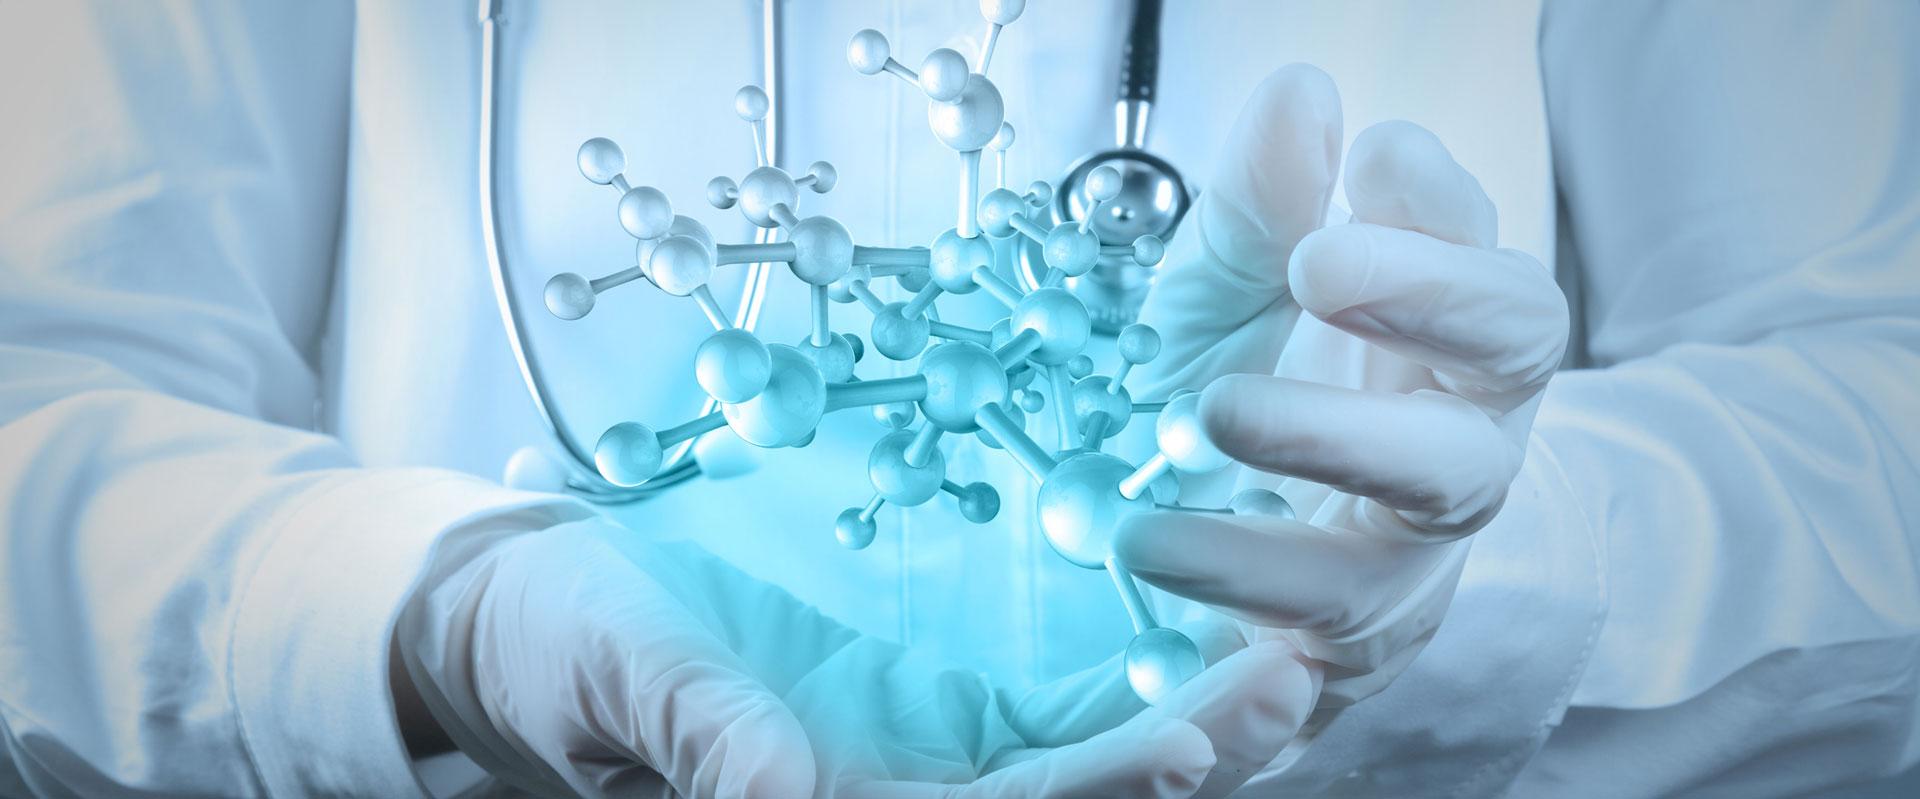 Arzt berührt mit der Hand eine virtuelle molekulare Struktur